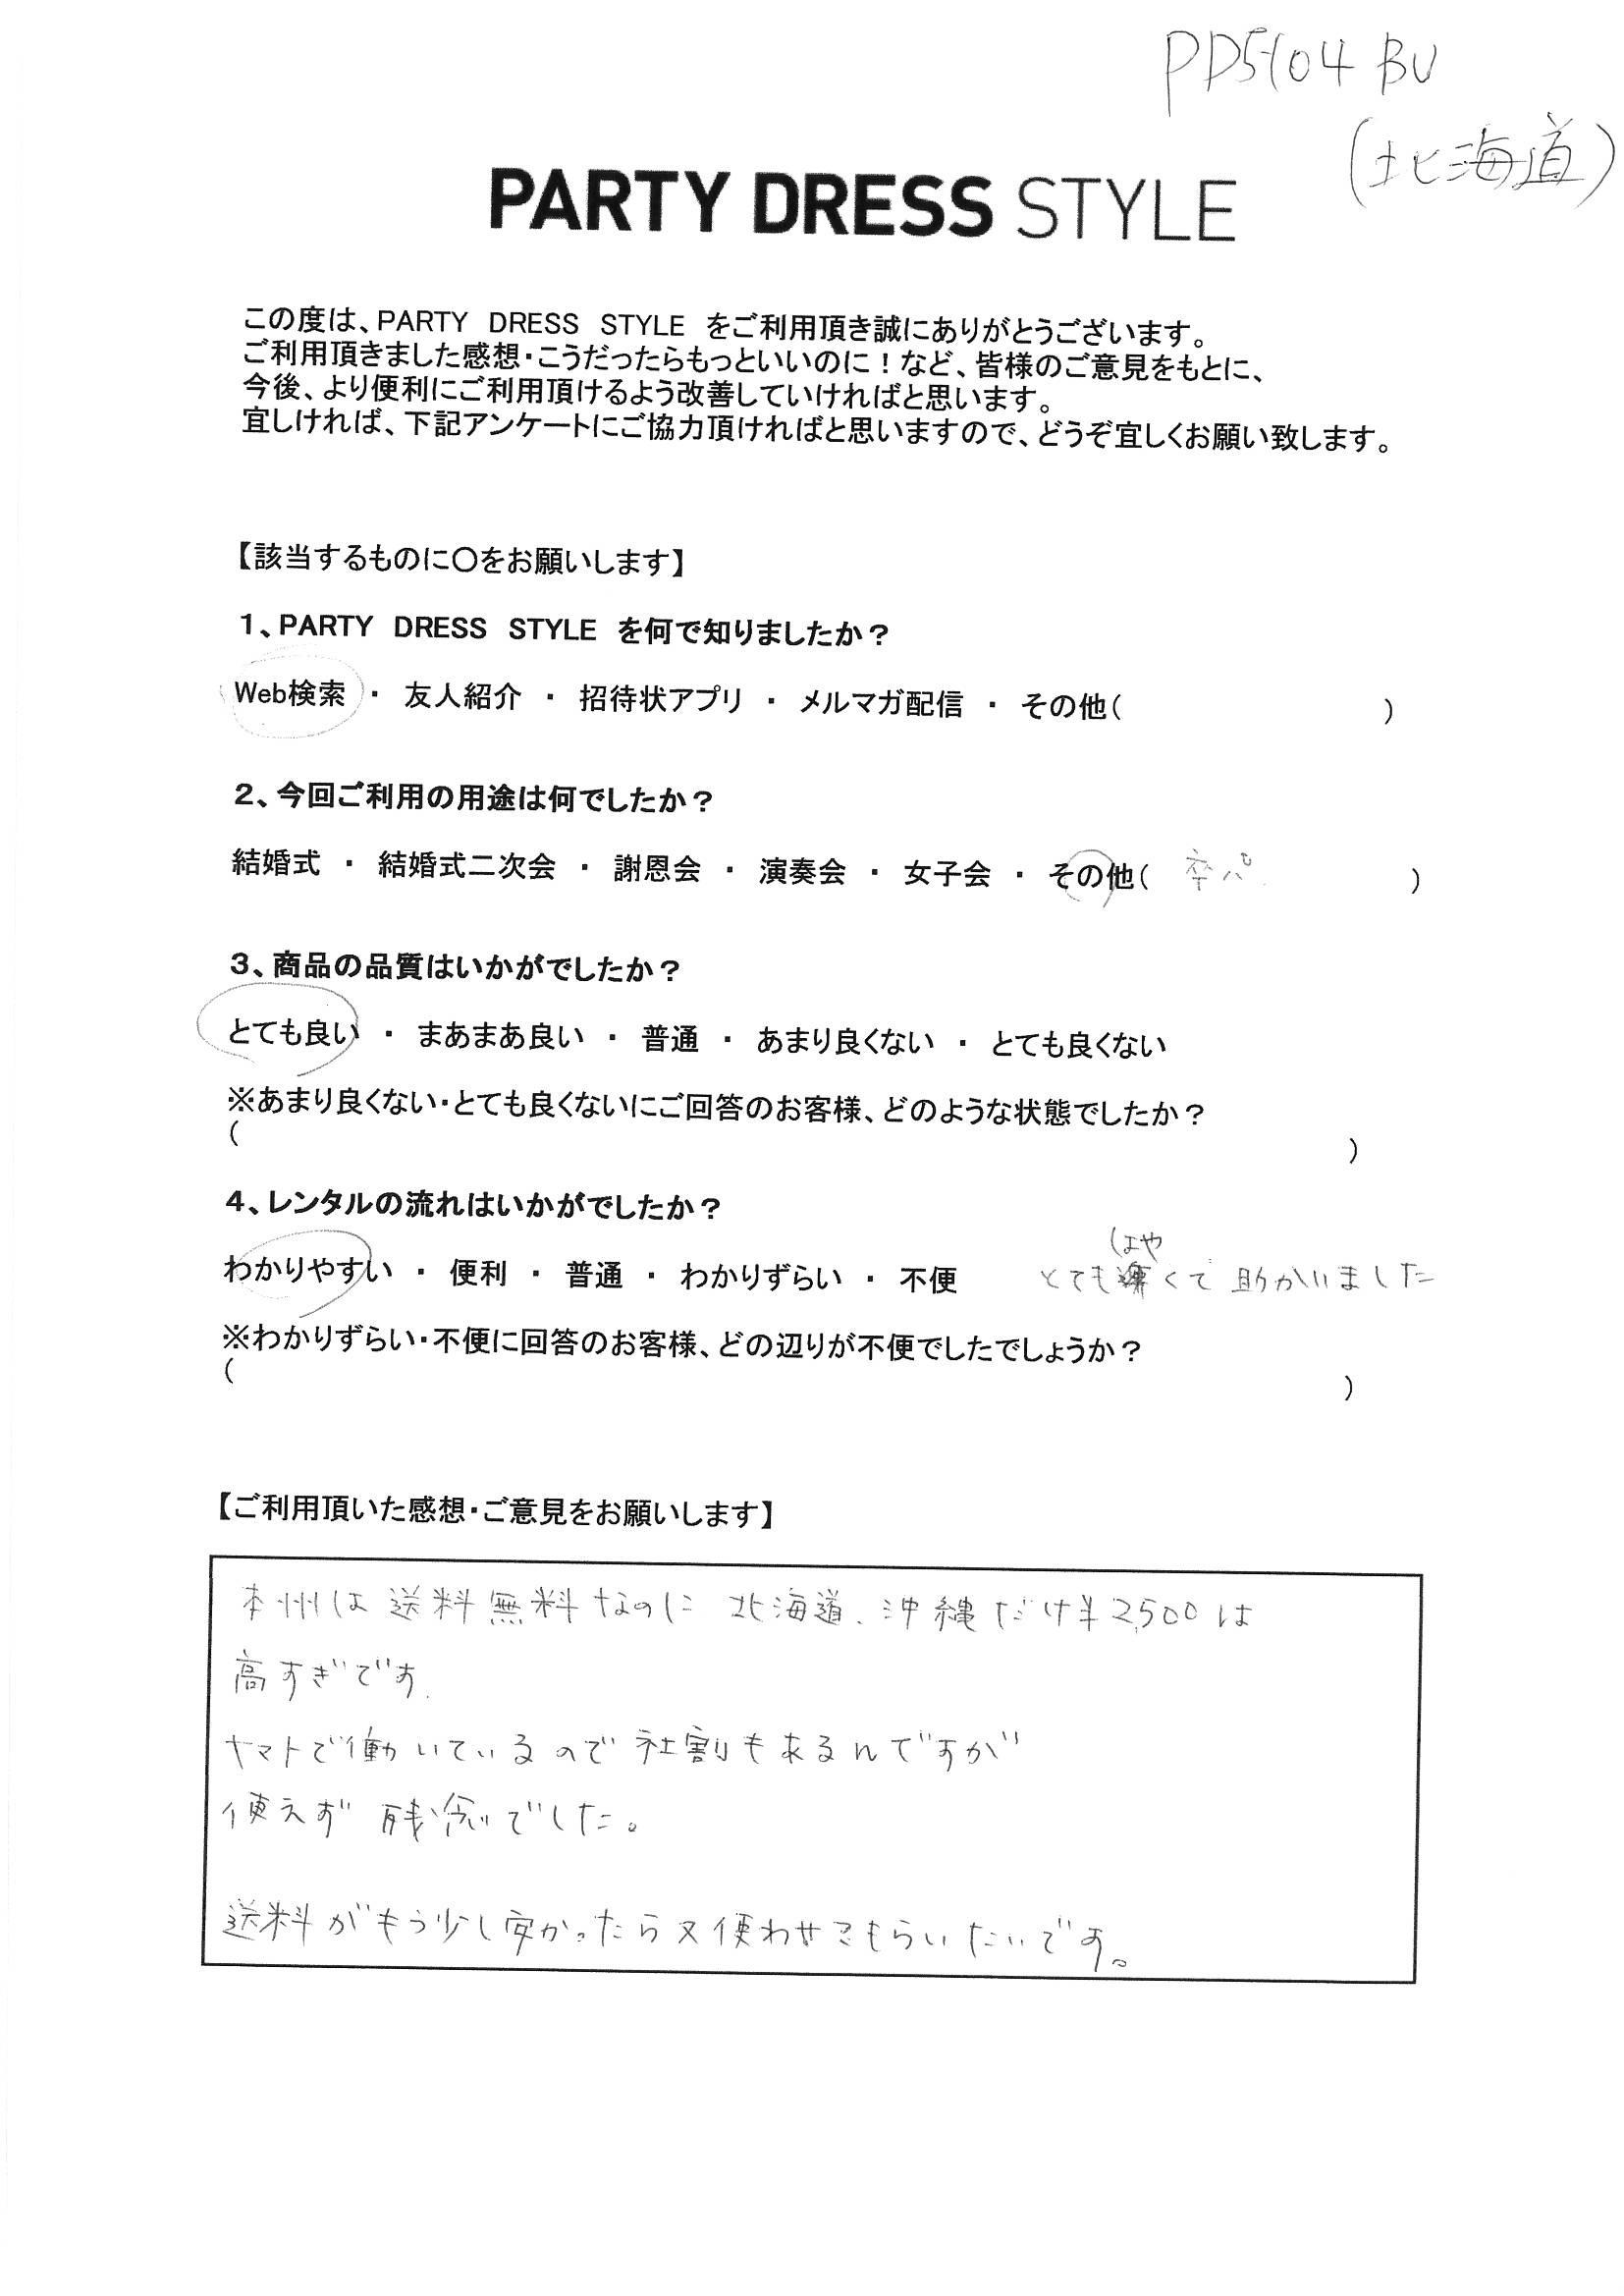 本州は送料無料なのに北海道・沖縄だけ¥2500は高すぎです。<br /> ヤマトで働いているので社割もあるのですが使えず残念でした。<br /> 送料がもう少し安かったらまた使わせてもらいたいです。